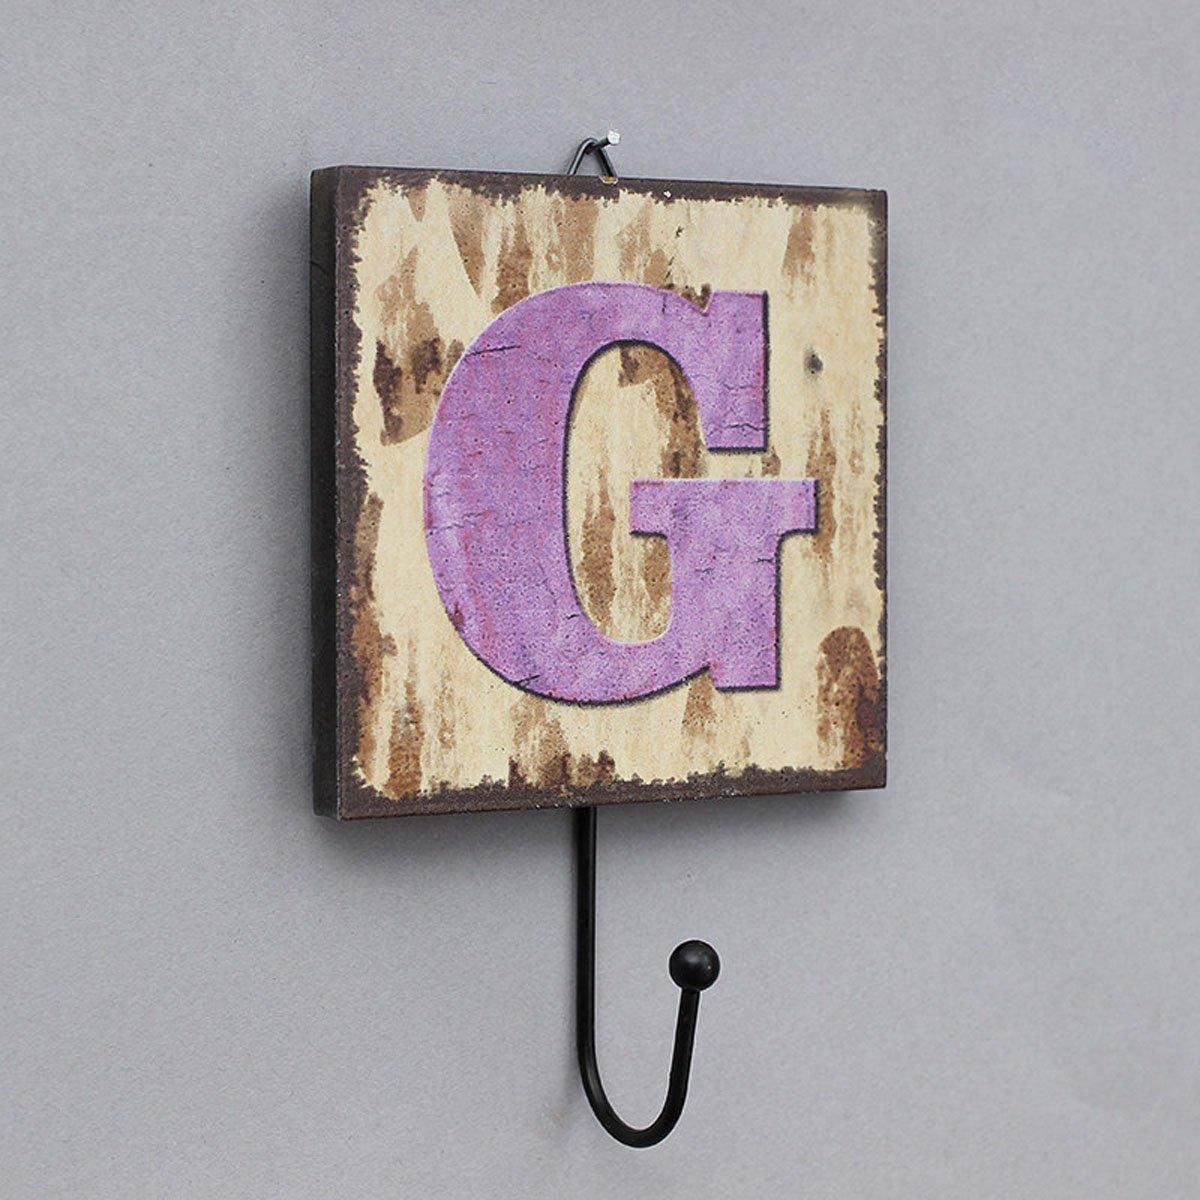 LIAN Perchero gancho llavero campesino letras decorativas ...